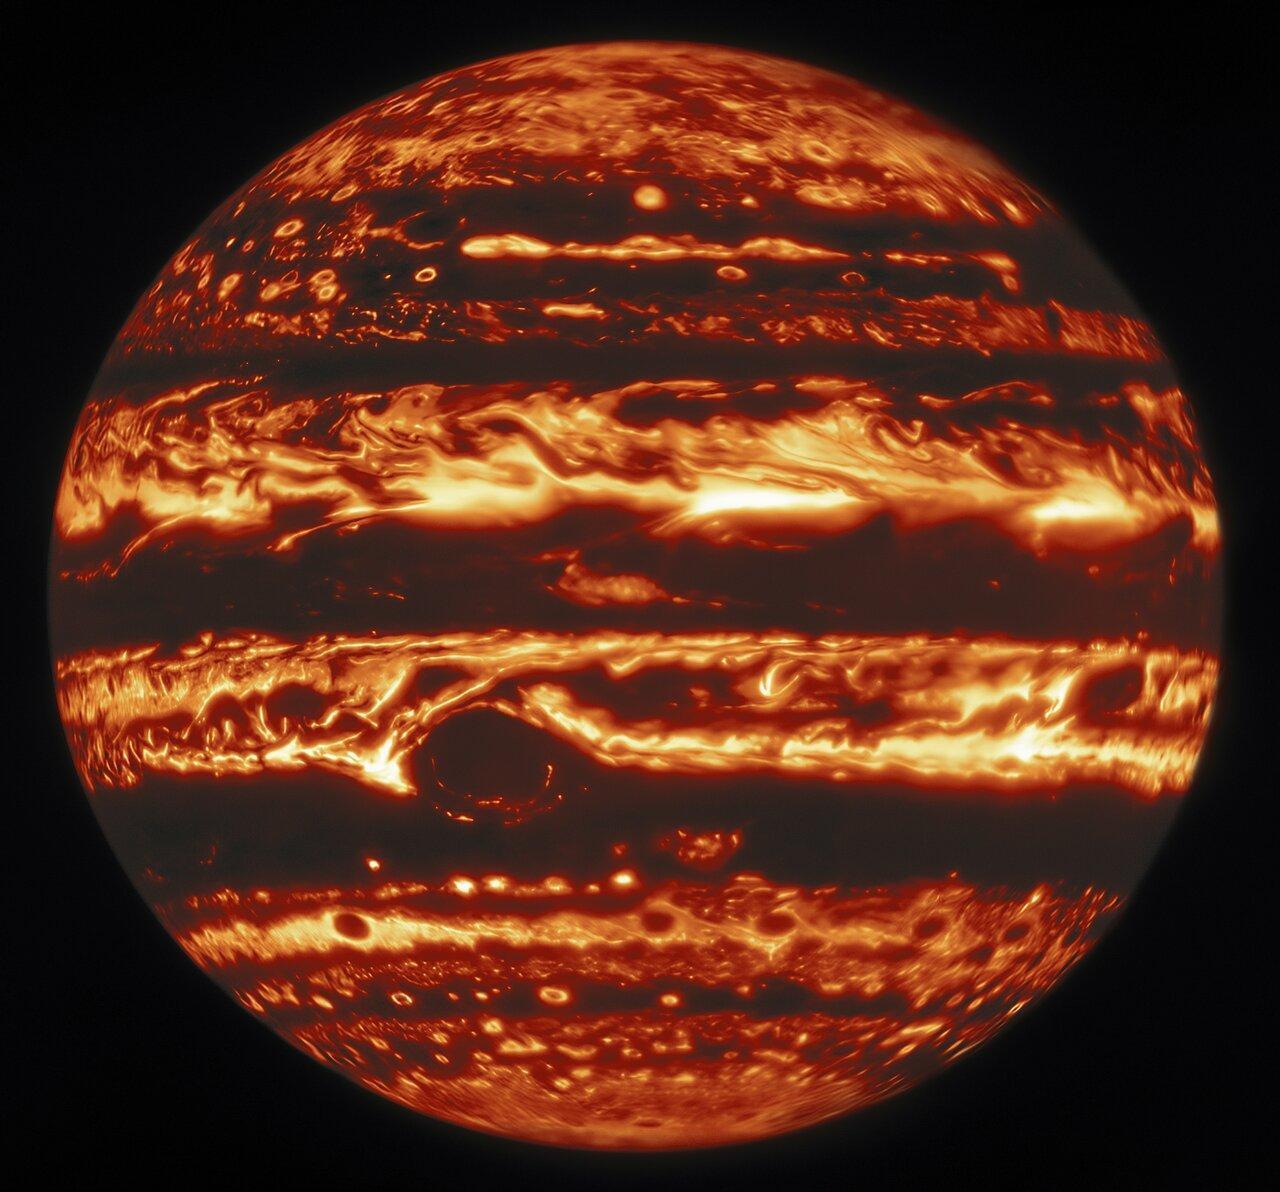 Фото Юпитера в инфракрасном свете